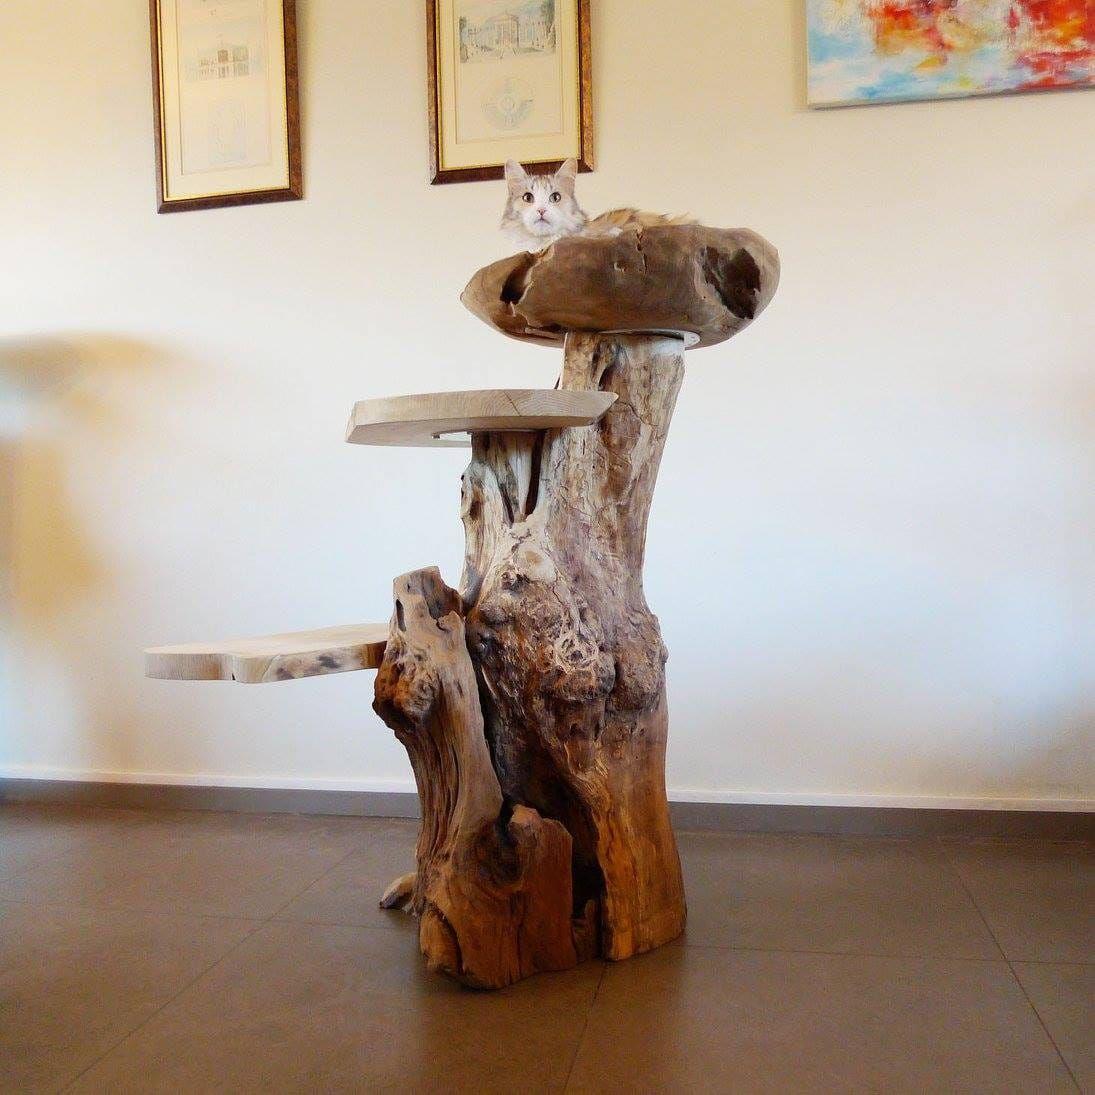 treeworld kratzbäume aus holz! (asten) - kratzbaum, klein - deine